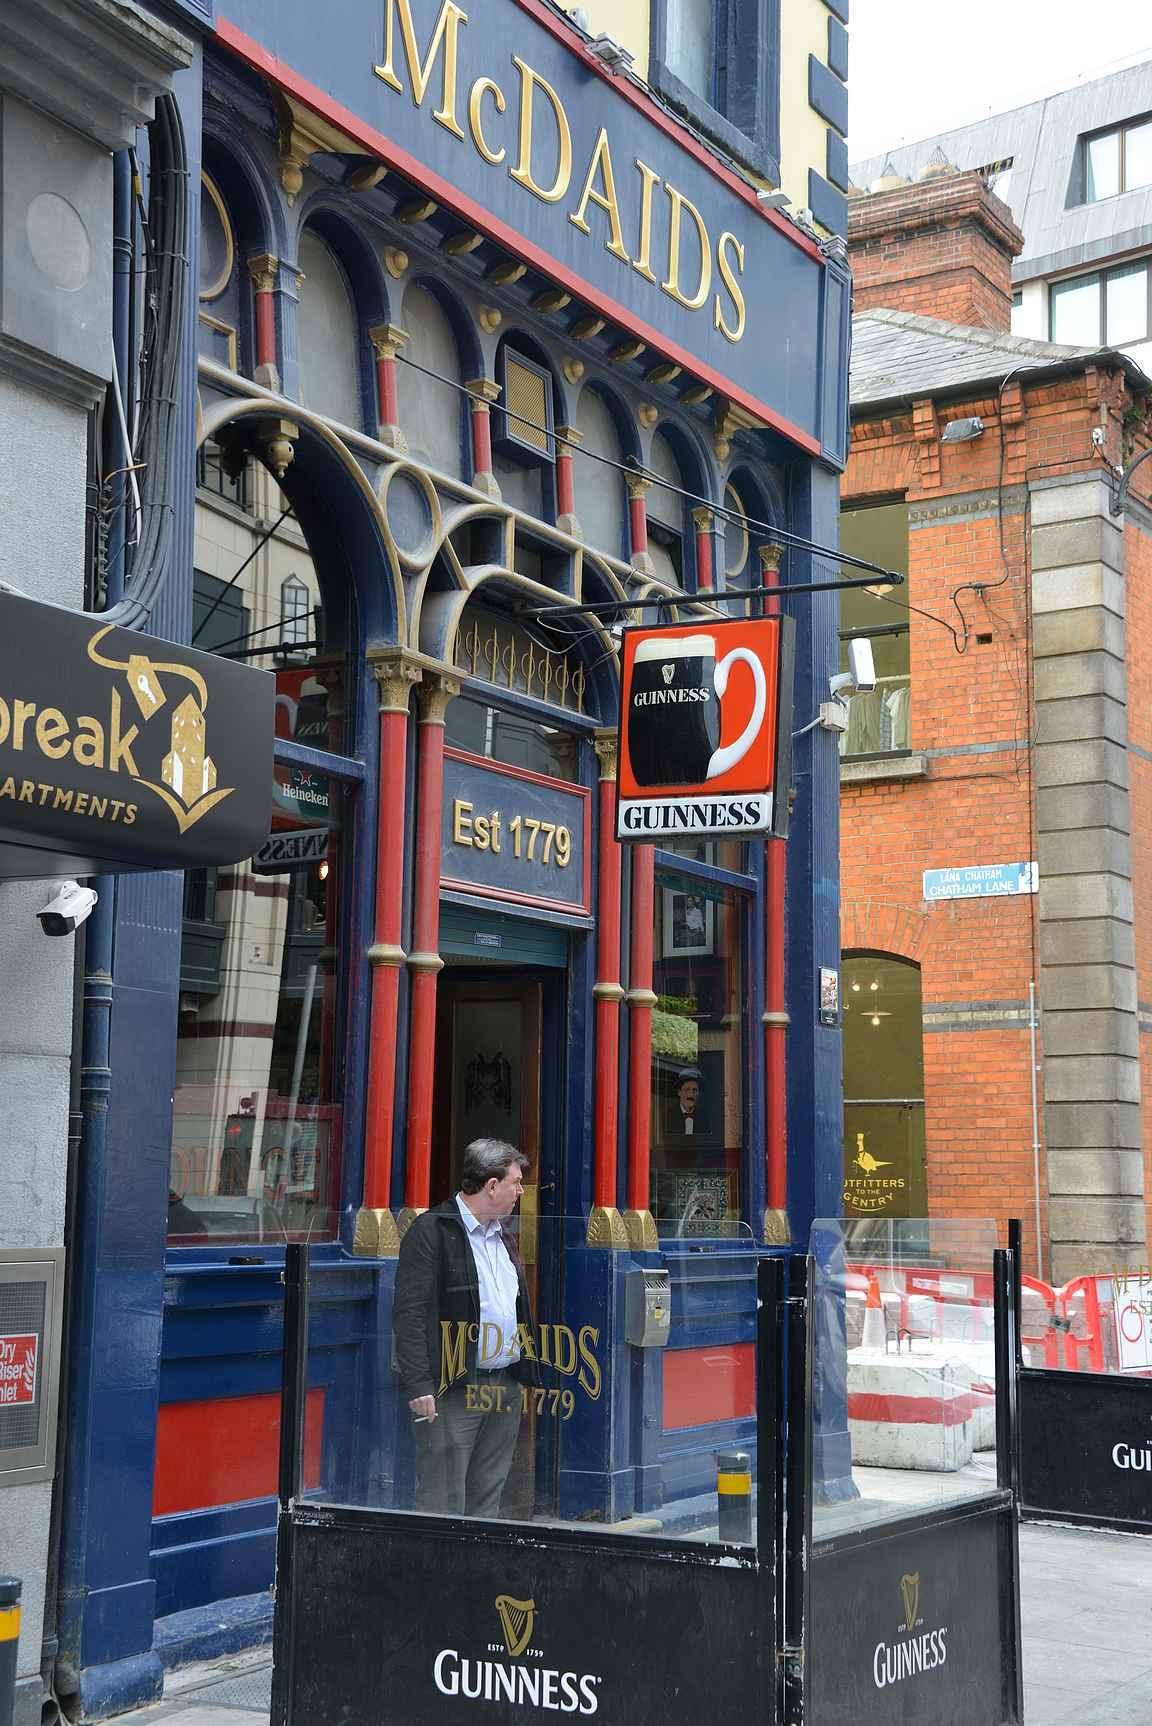 McDaids - oiva paikka Guinnessille mihin vuorokauden aikaan tahansa.